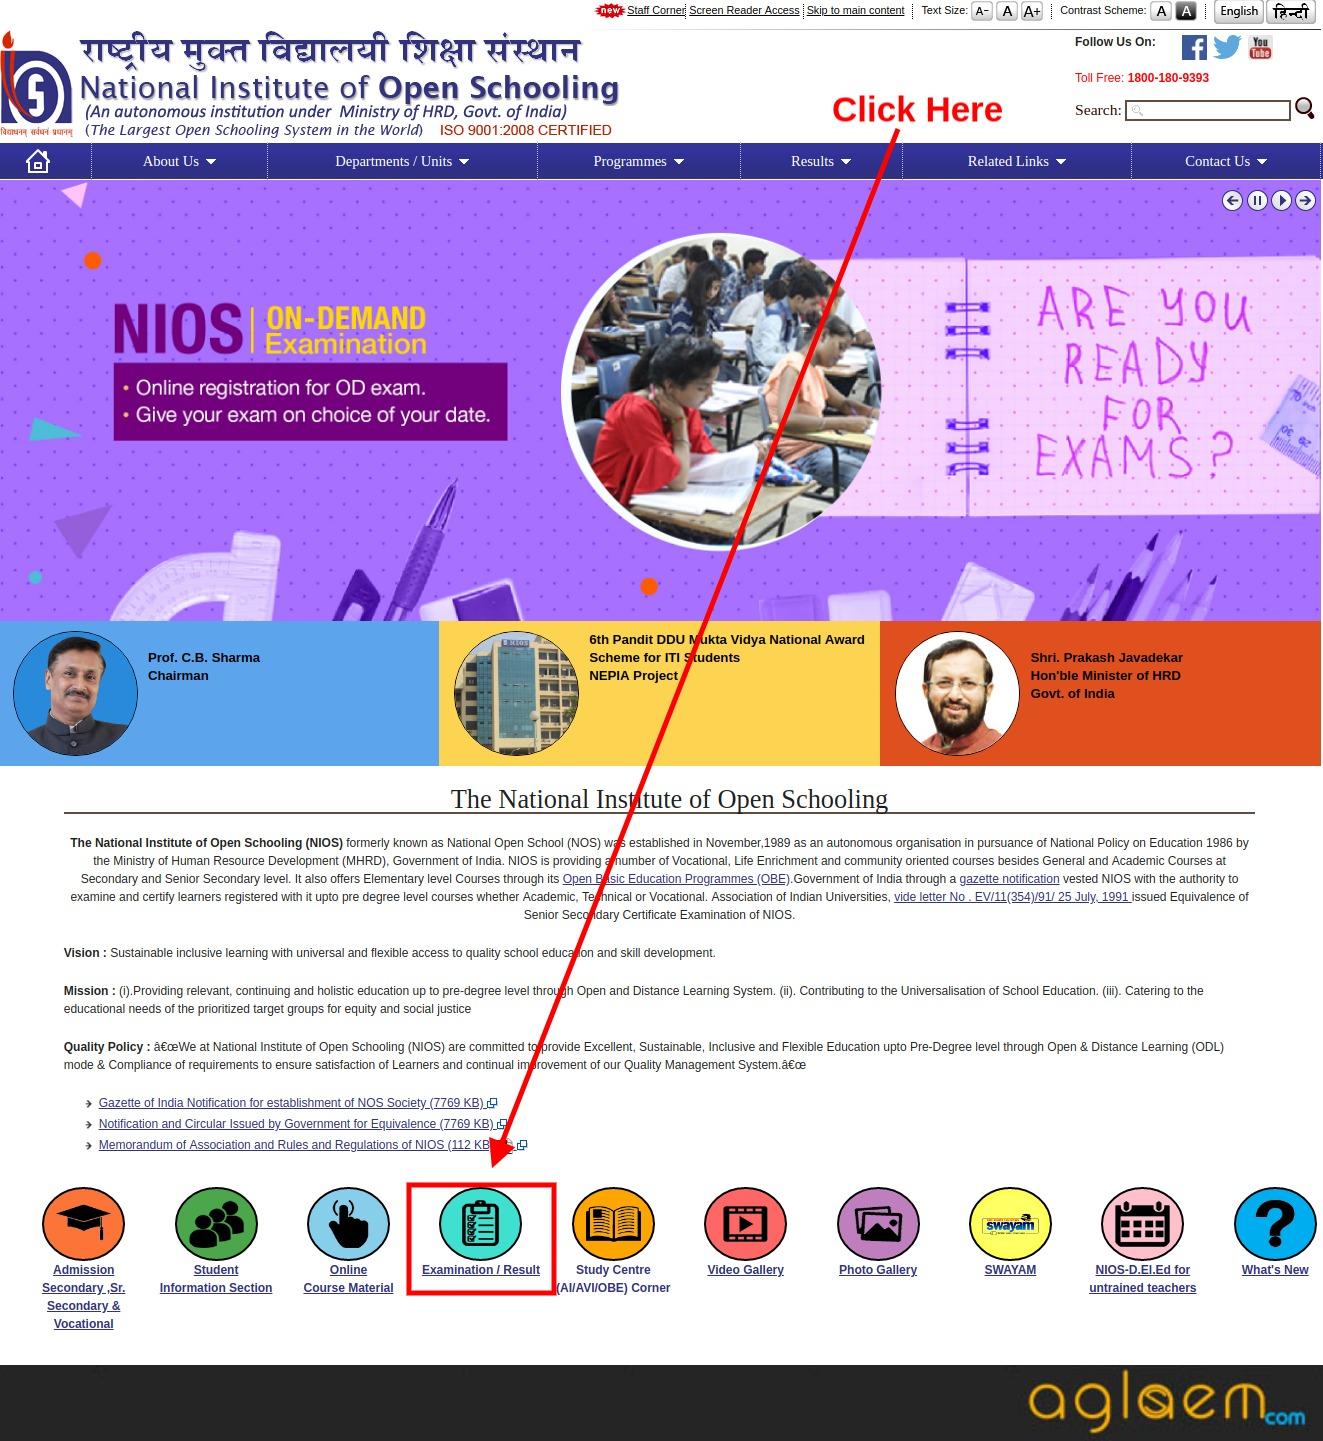 NIOS 10th Result April 2019 | NIOS Class 10 Result 2019